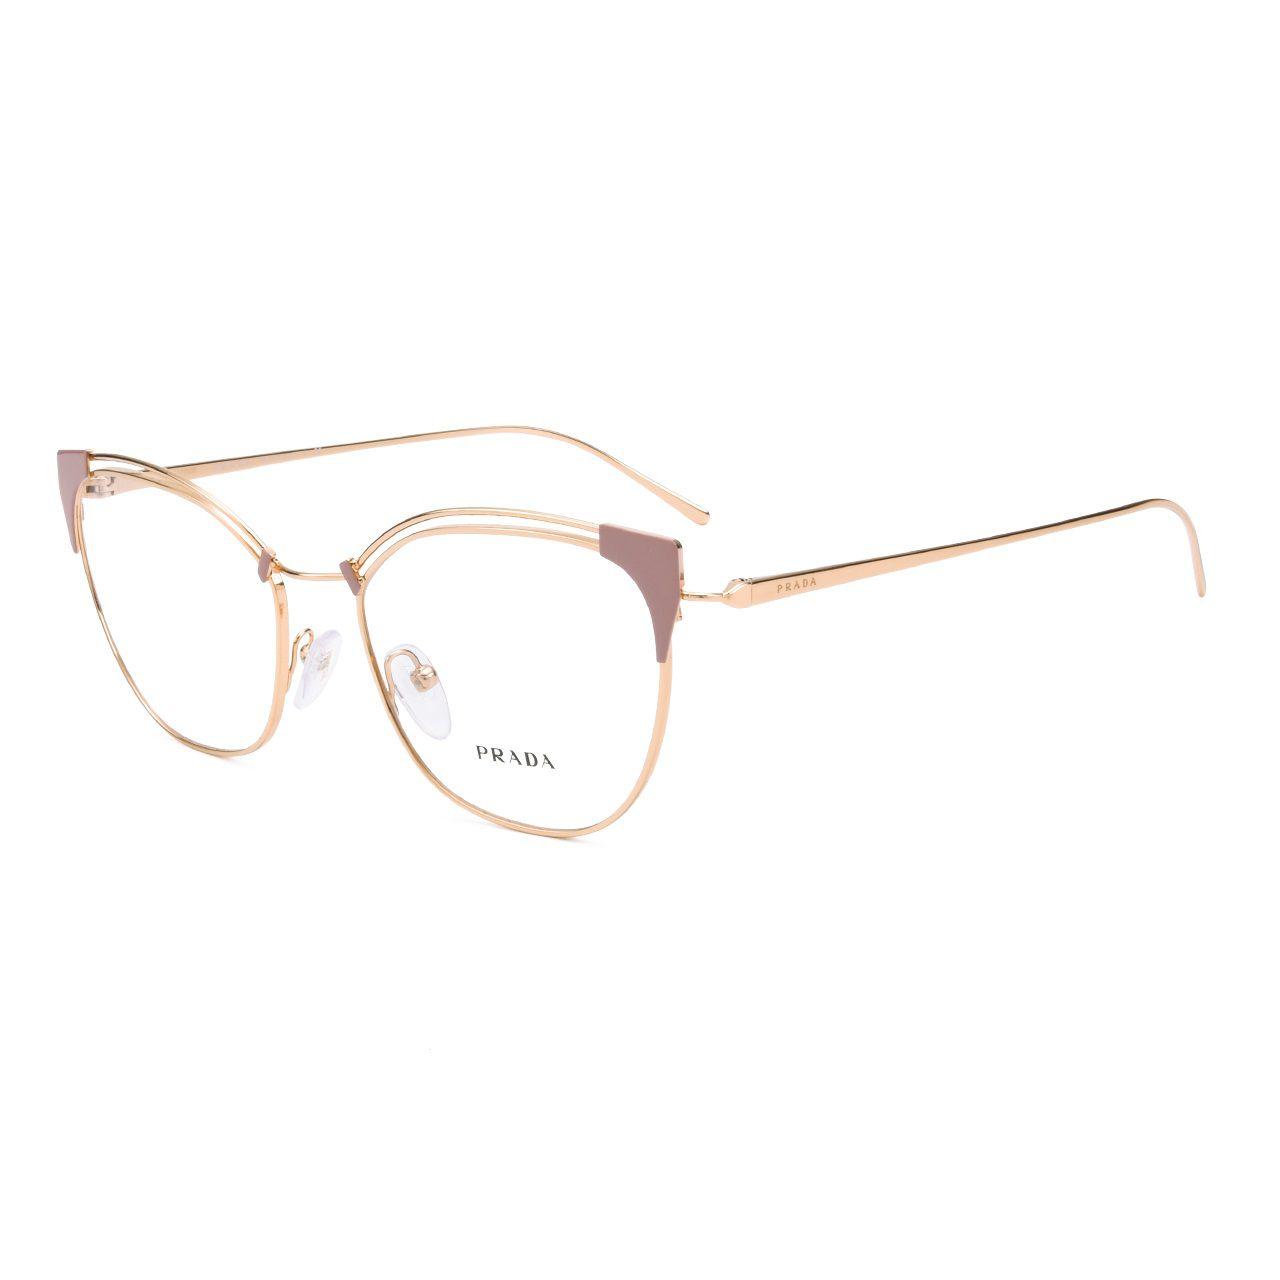 40dee405c Armação Óculos de Grau Feminino Prada VPR62U YEP-101 - Omega Ótica e ...